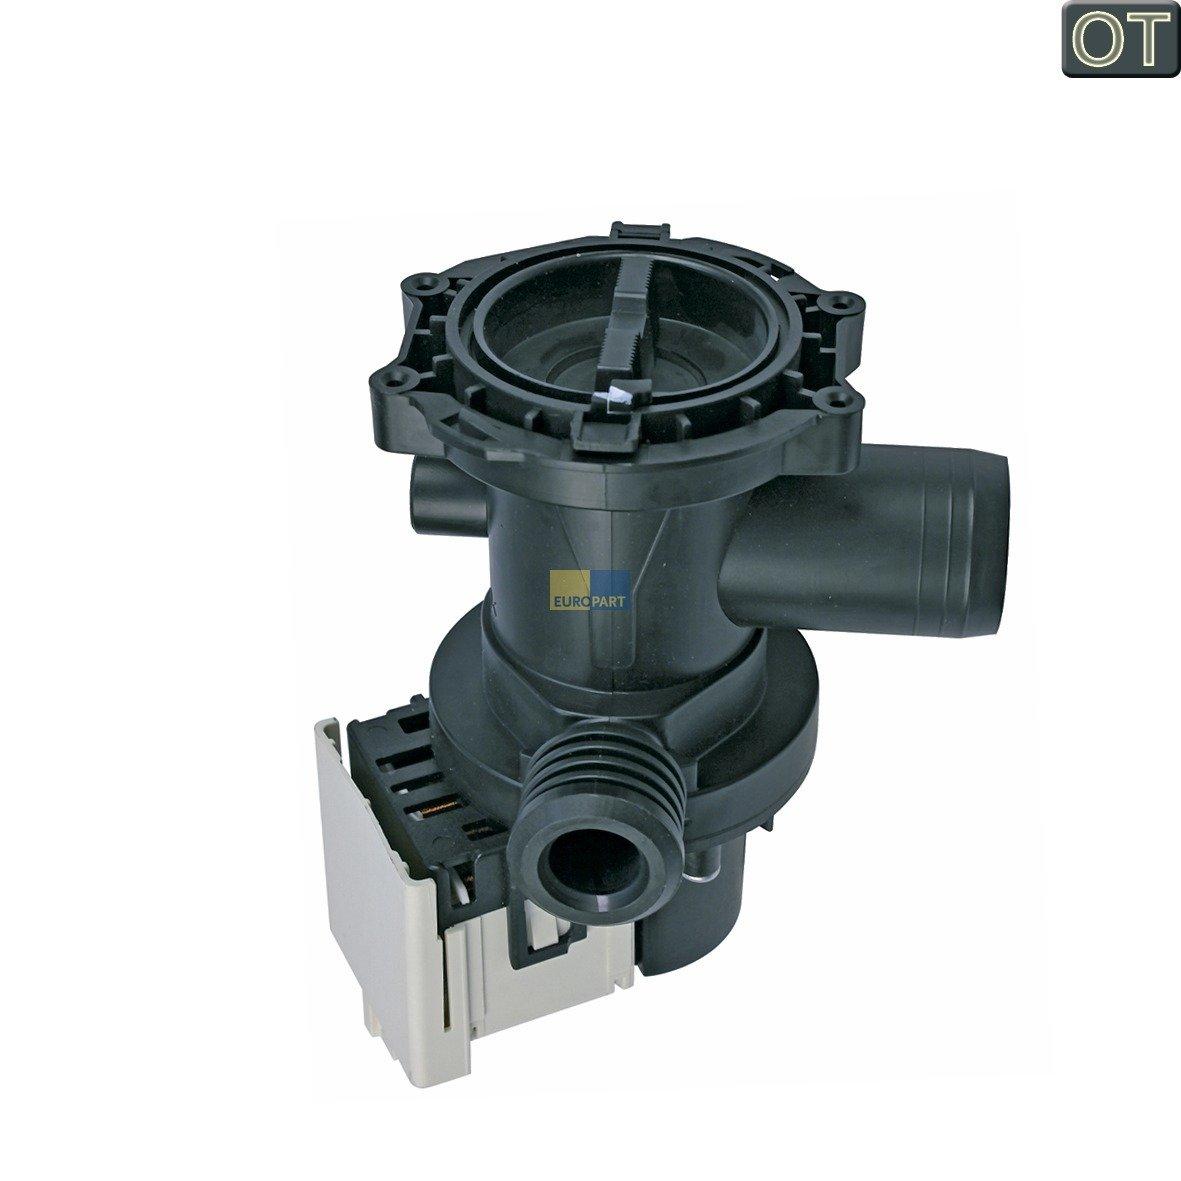 Ablaufpumpe mit Pumpenstutzen und Flusensiebeinsatz Magnettechnikpumpe 30 Watt,